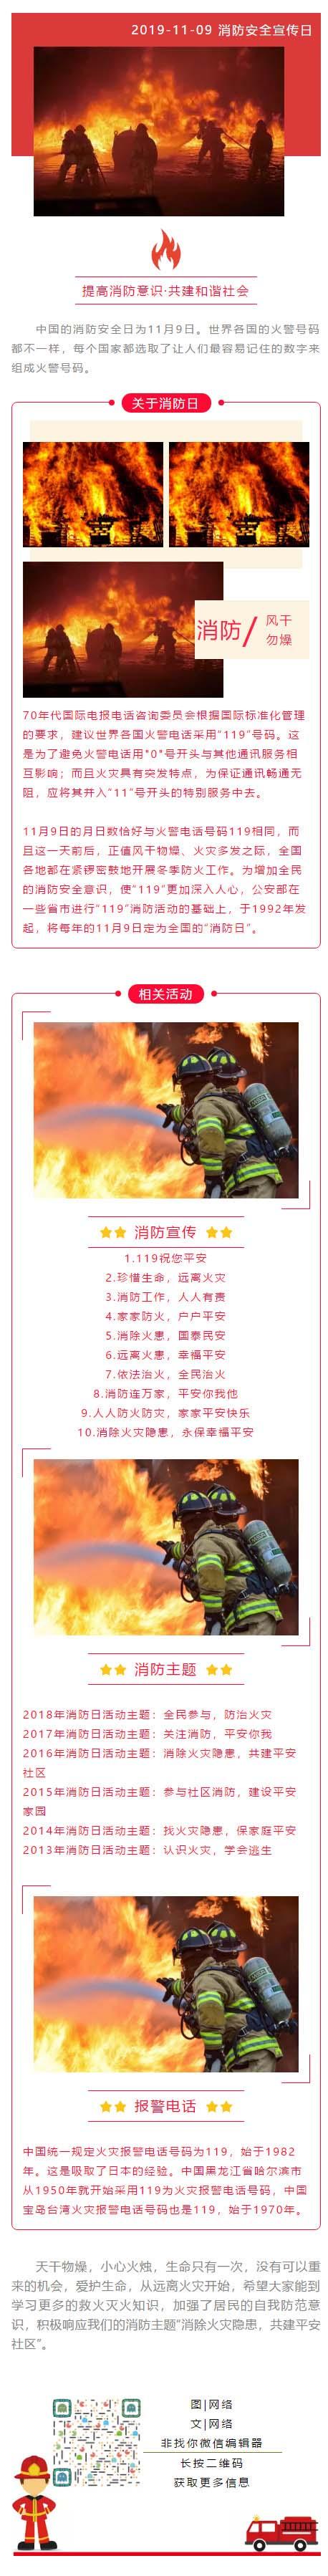 消防安全宣传日火警微信公众号推送图文模板推文素材